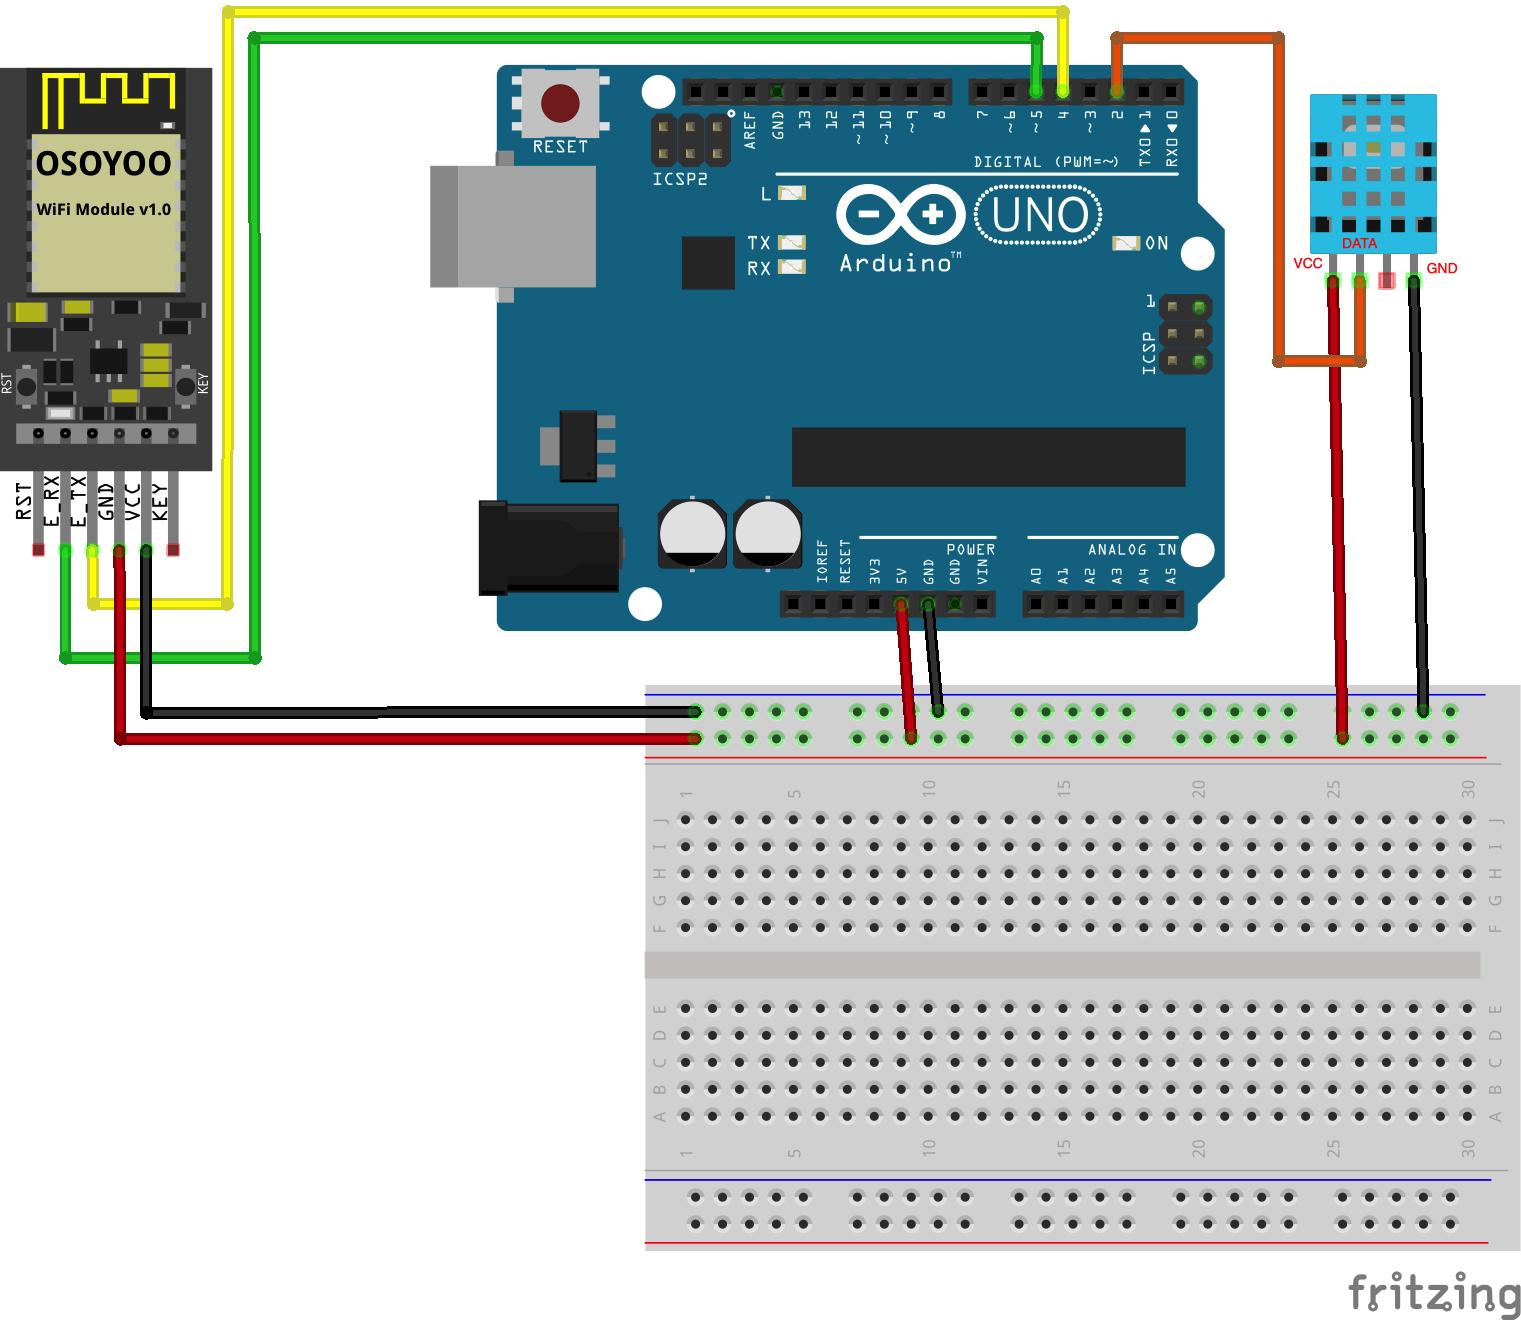 OSOYOO ESP8266 Wi-Fi Module Lesson 2: User browser to monitor remote temperature